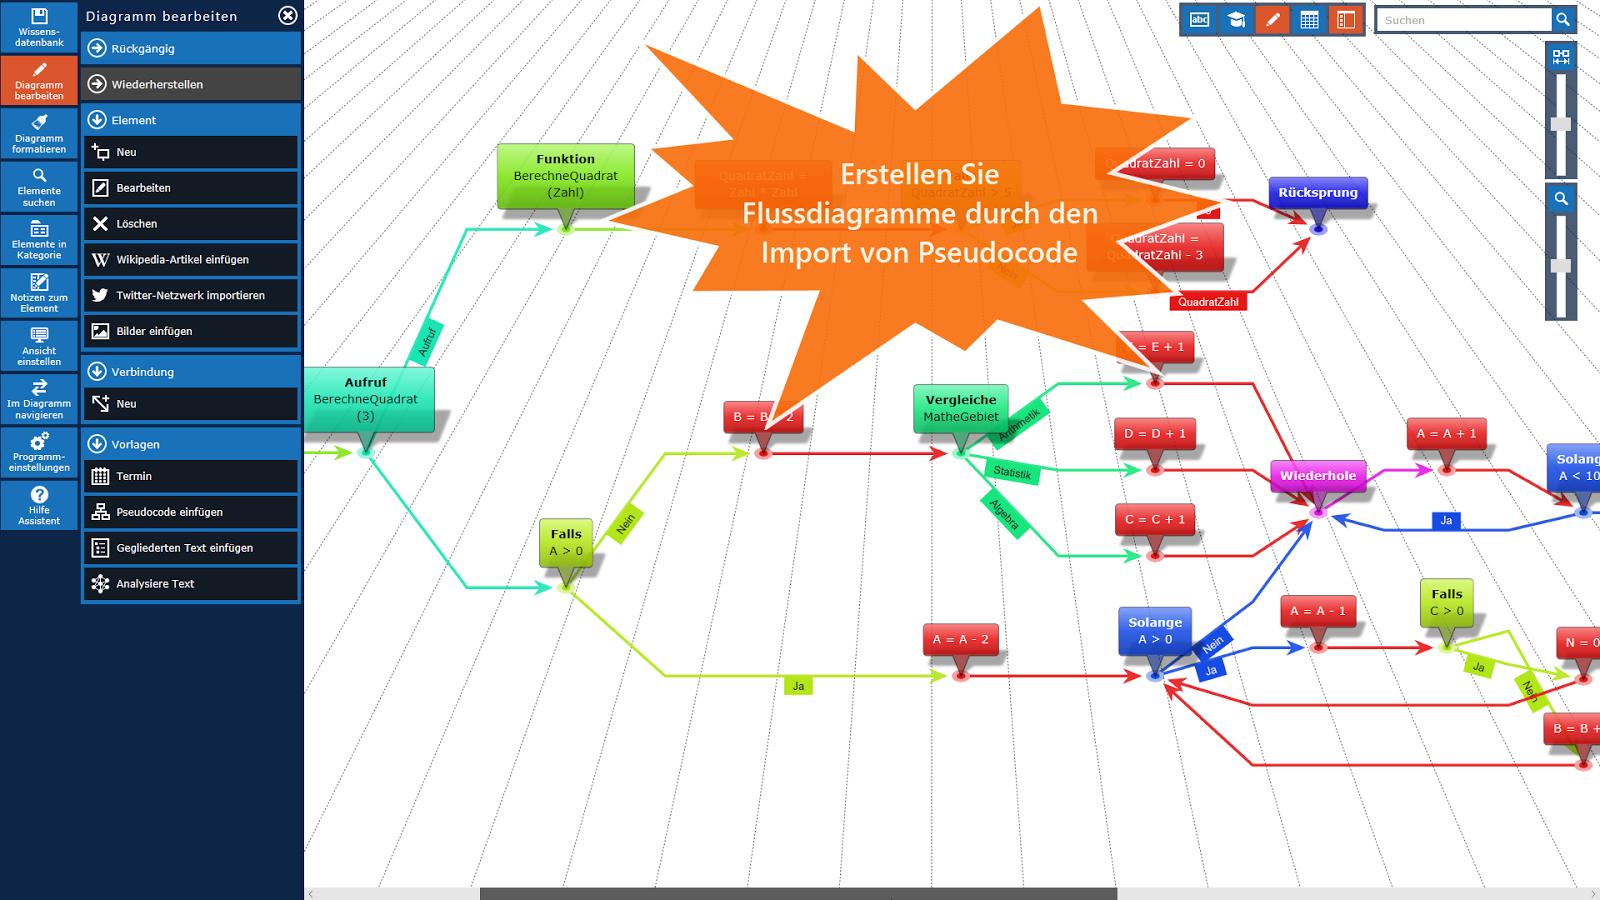 Beste Transaktionsablaufdiagramm Ideen - Elektrische Schaltplan ...